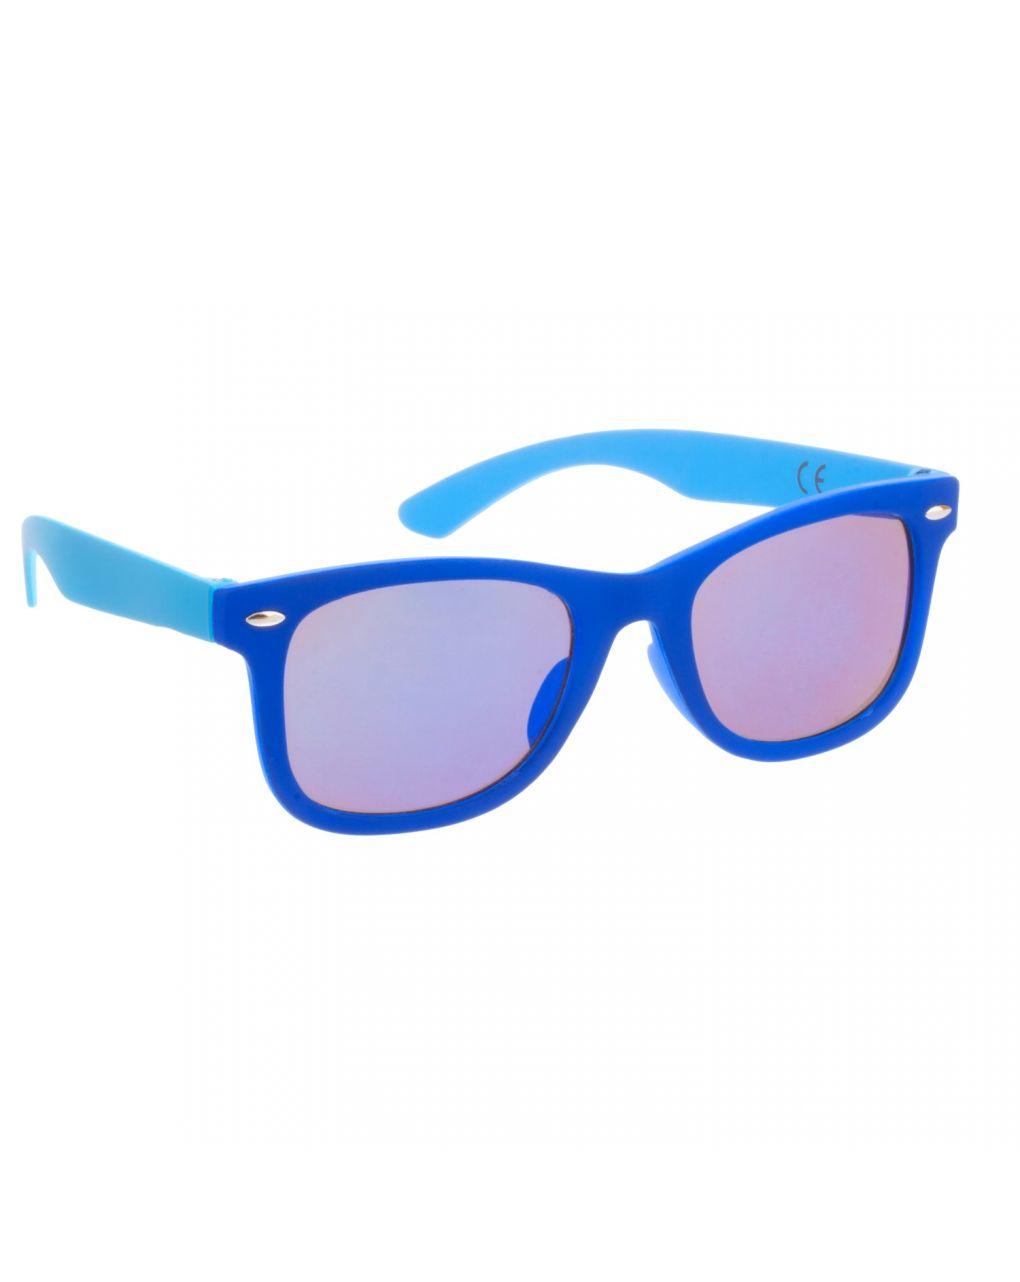 Occhiali da sole blu azzurro con lenti a specchio - Monkey Monkey